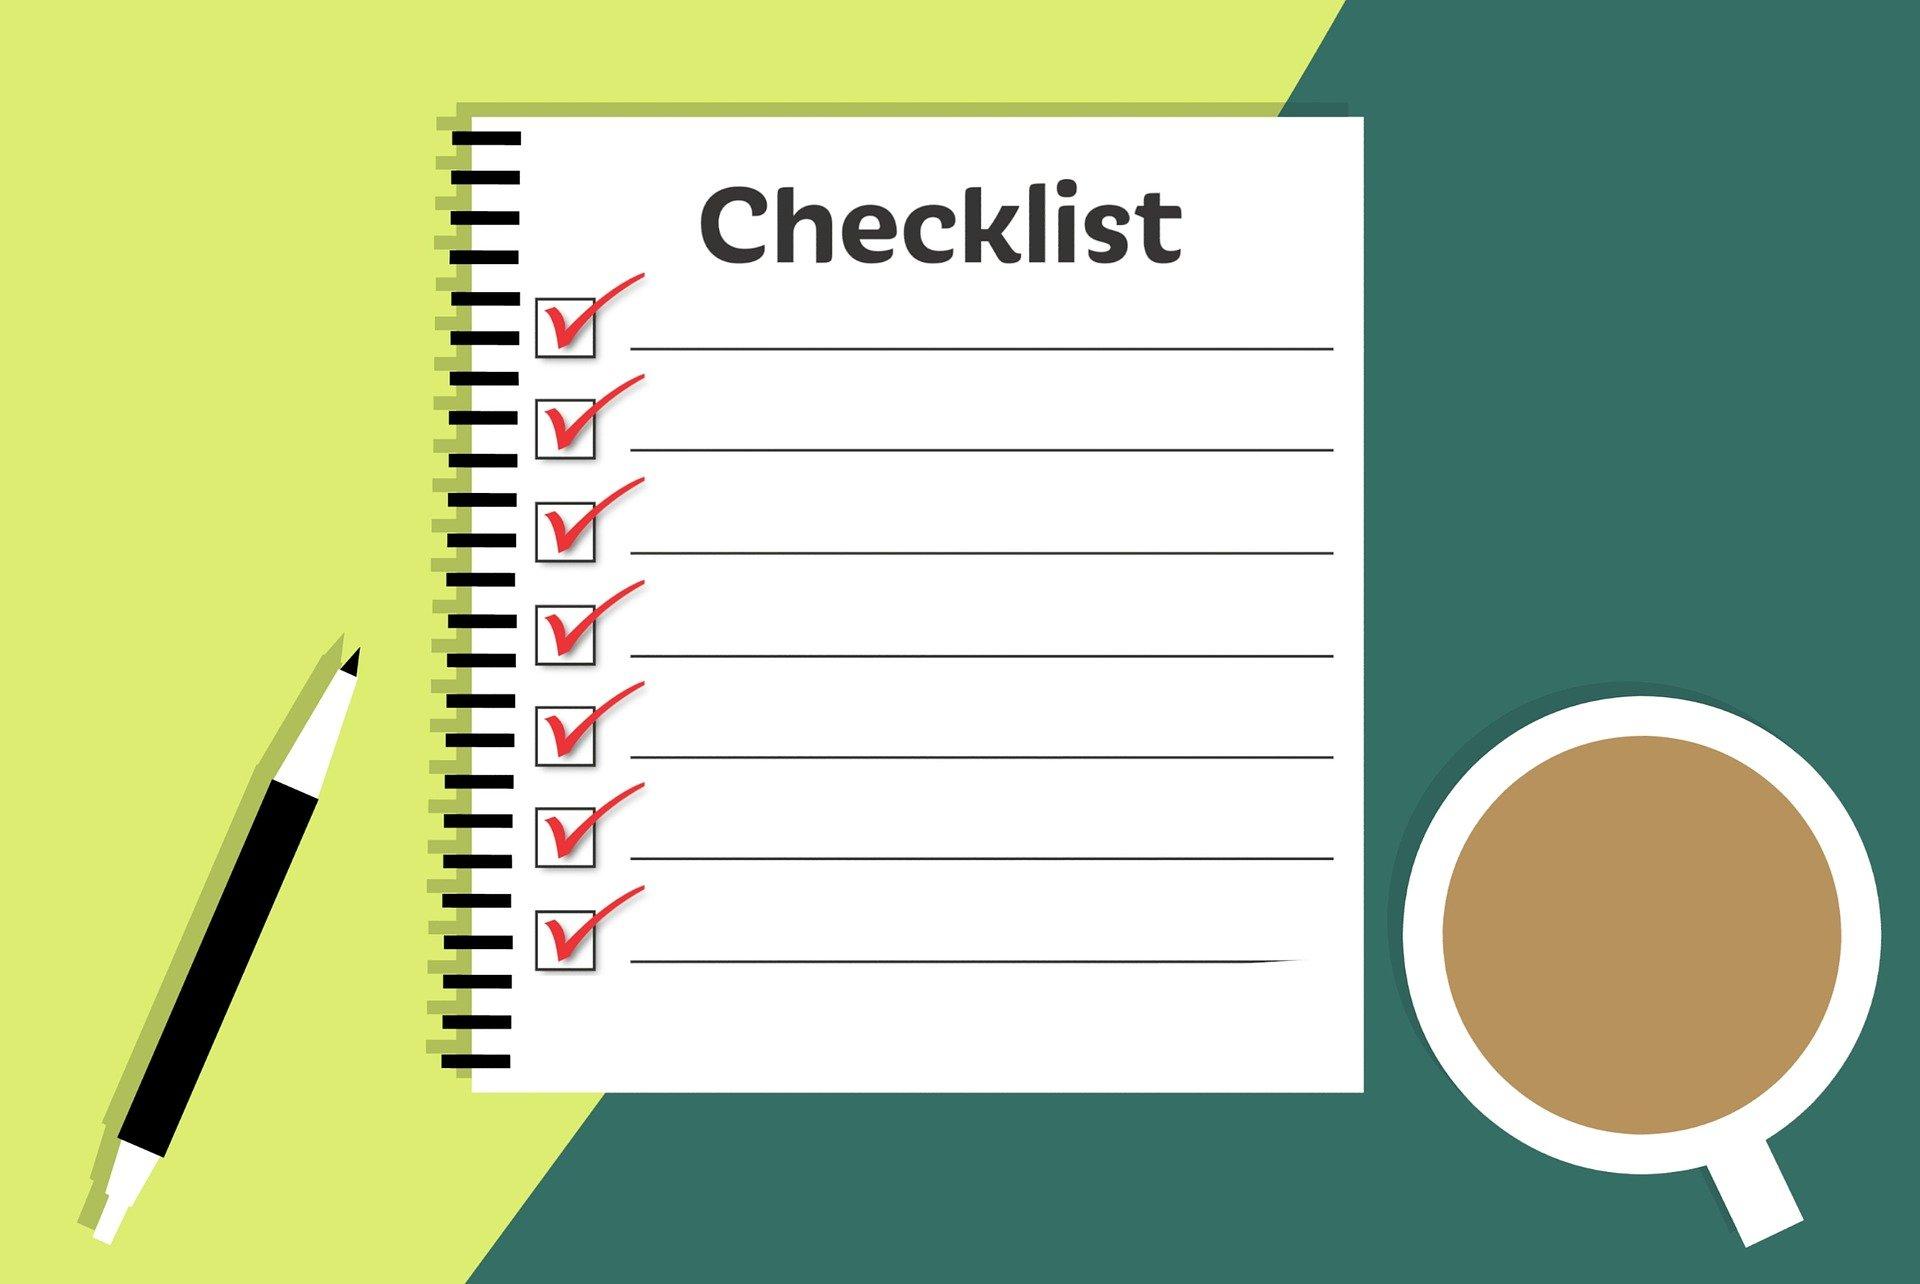 Image d'une check-list avec des éléments cochés